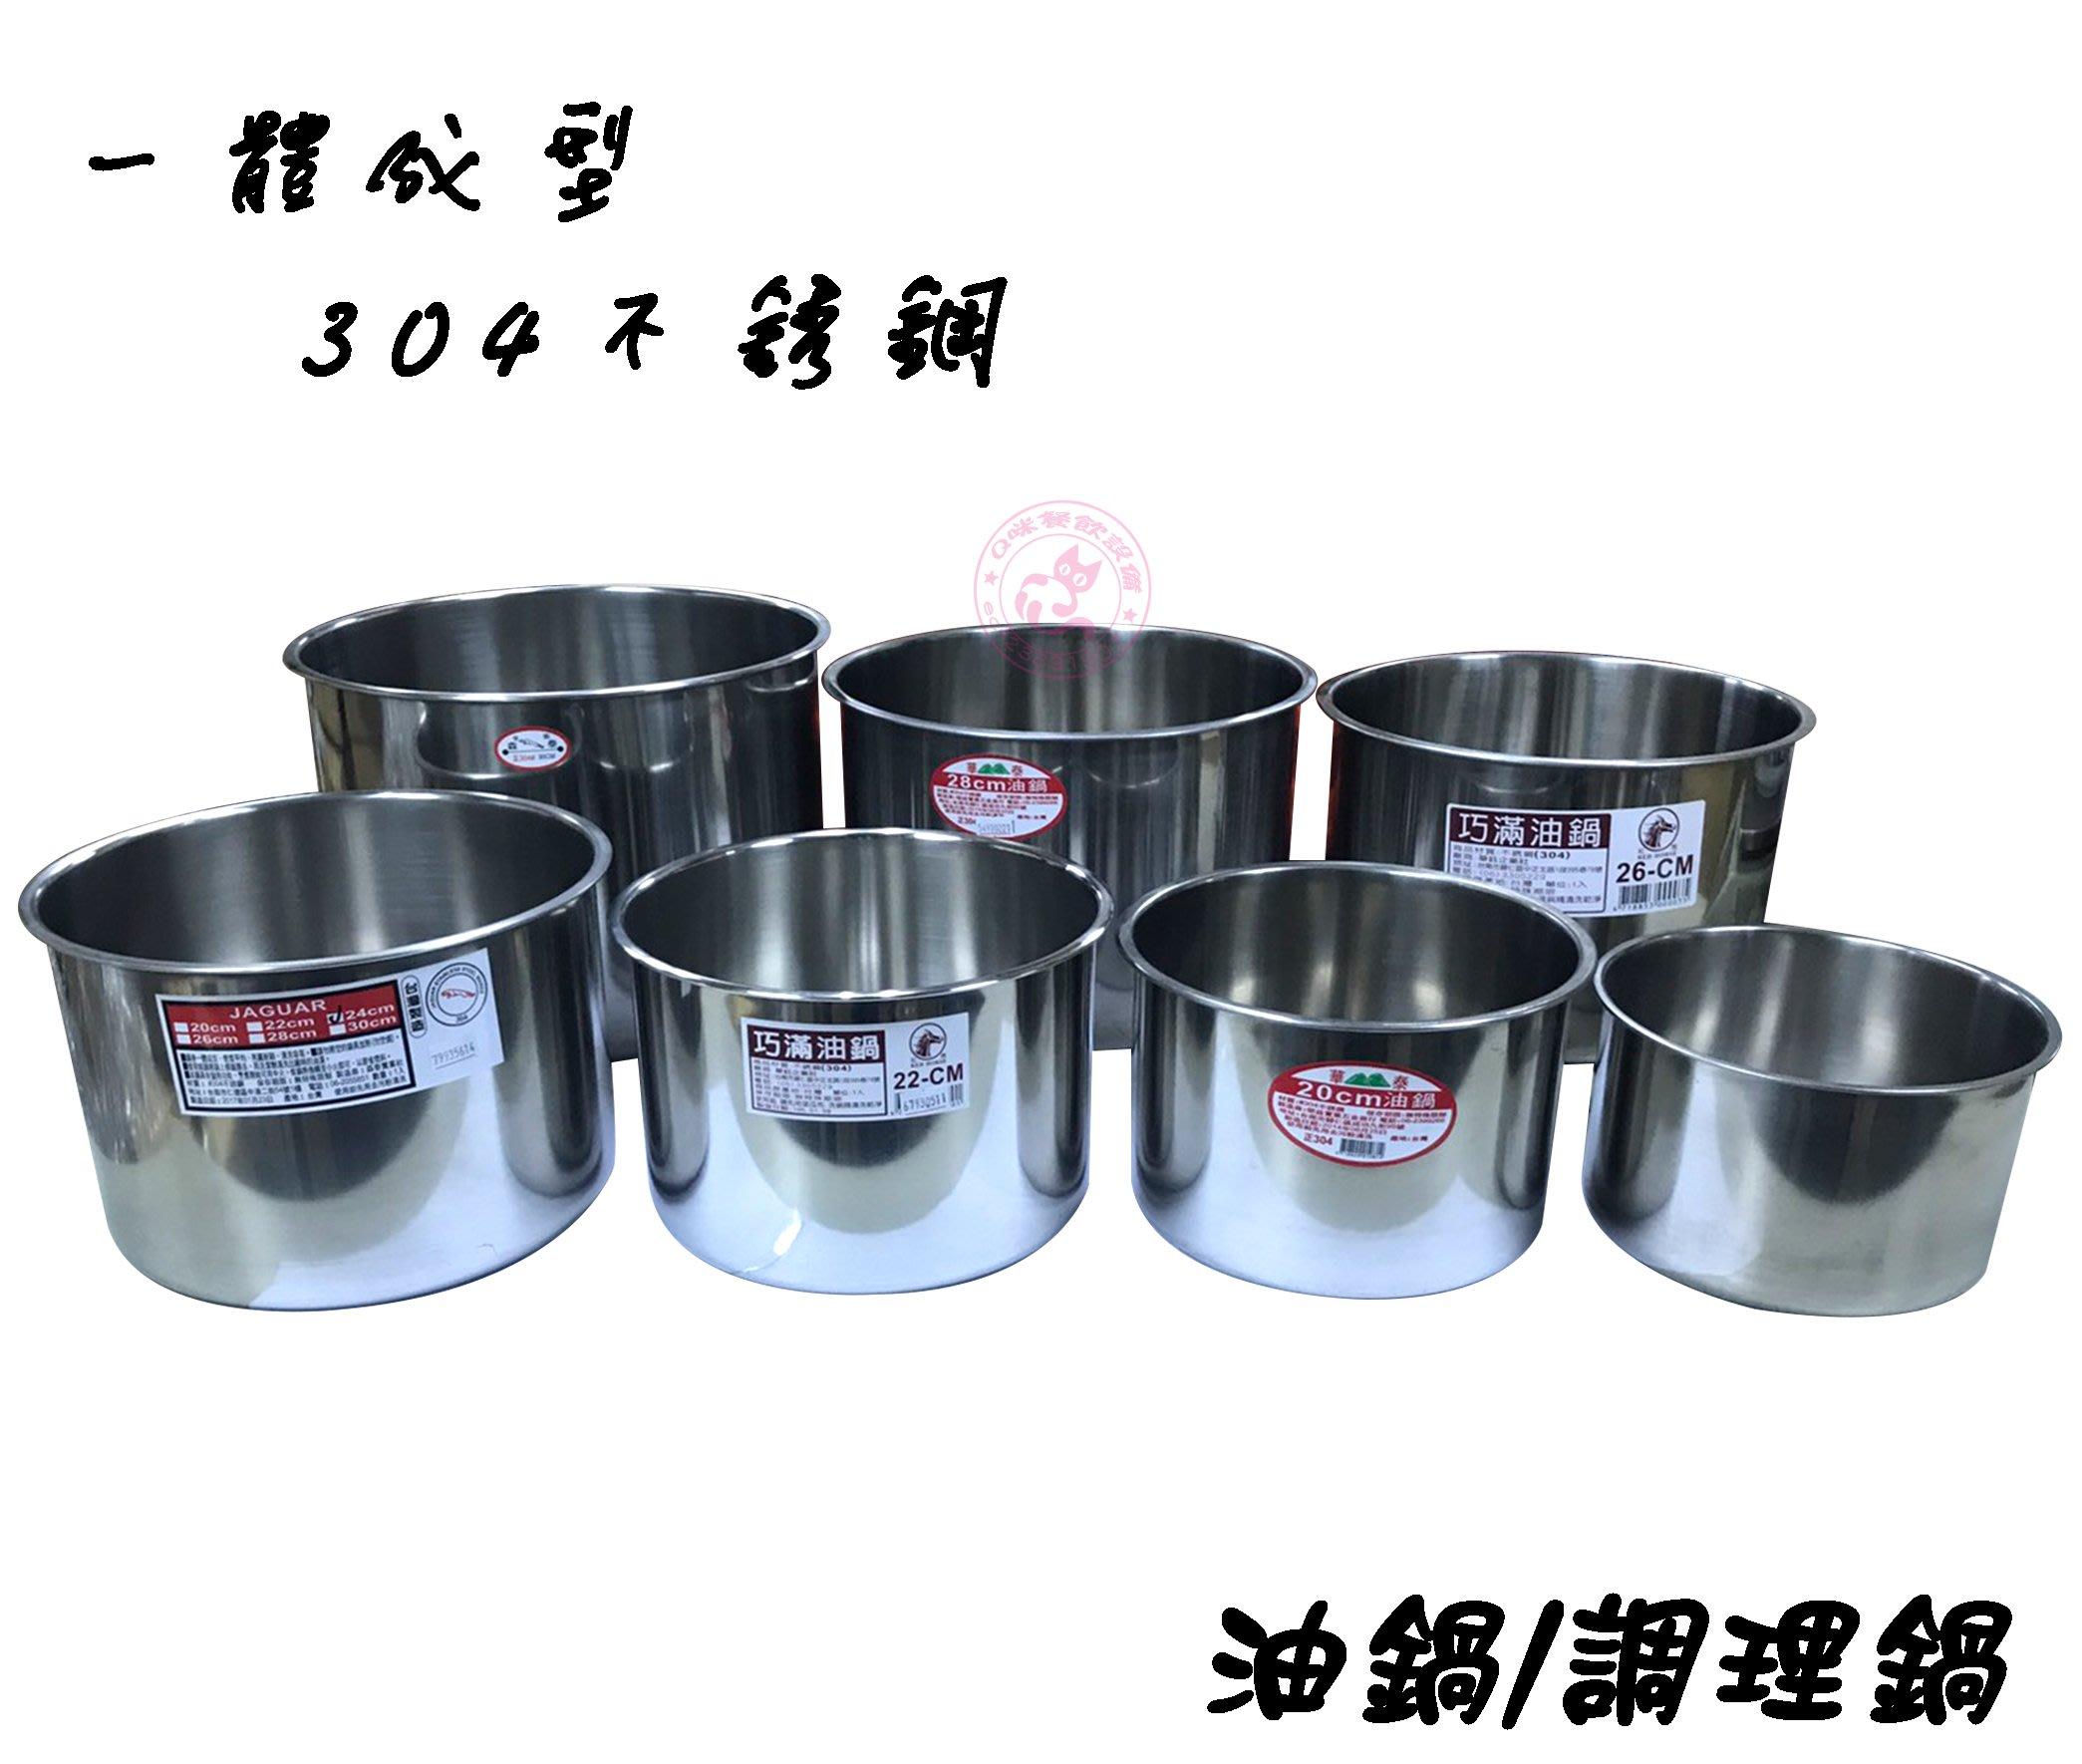 【Q咪餐飲設備】(一體成型) 24cm #304不銹鋼油鍋/調理鍋/油醋桶/醬料桶